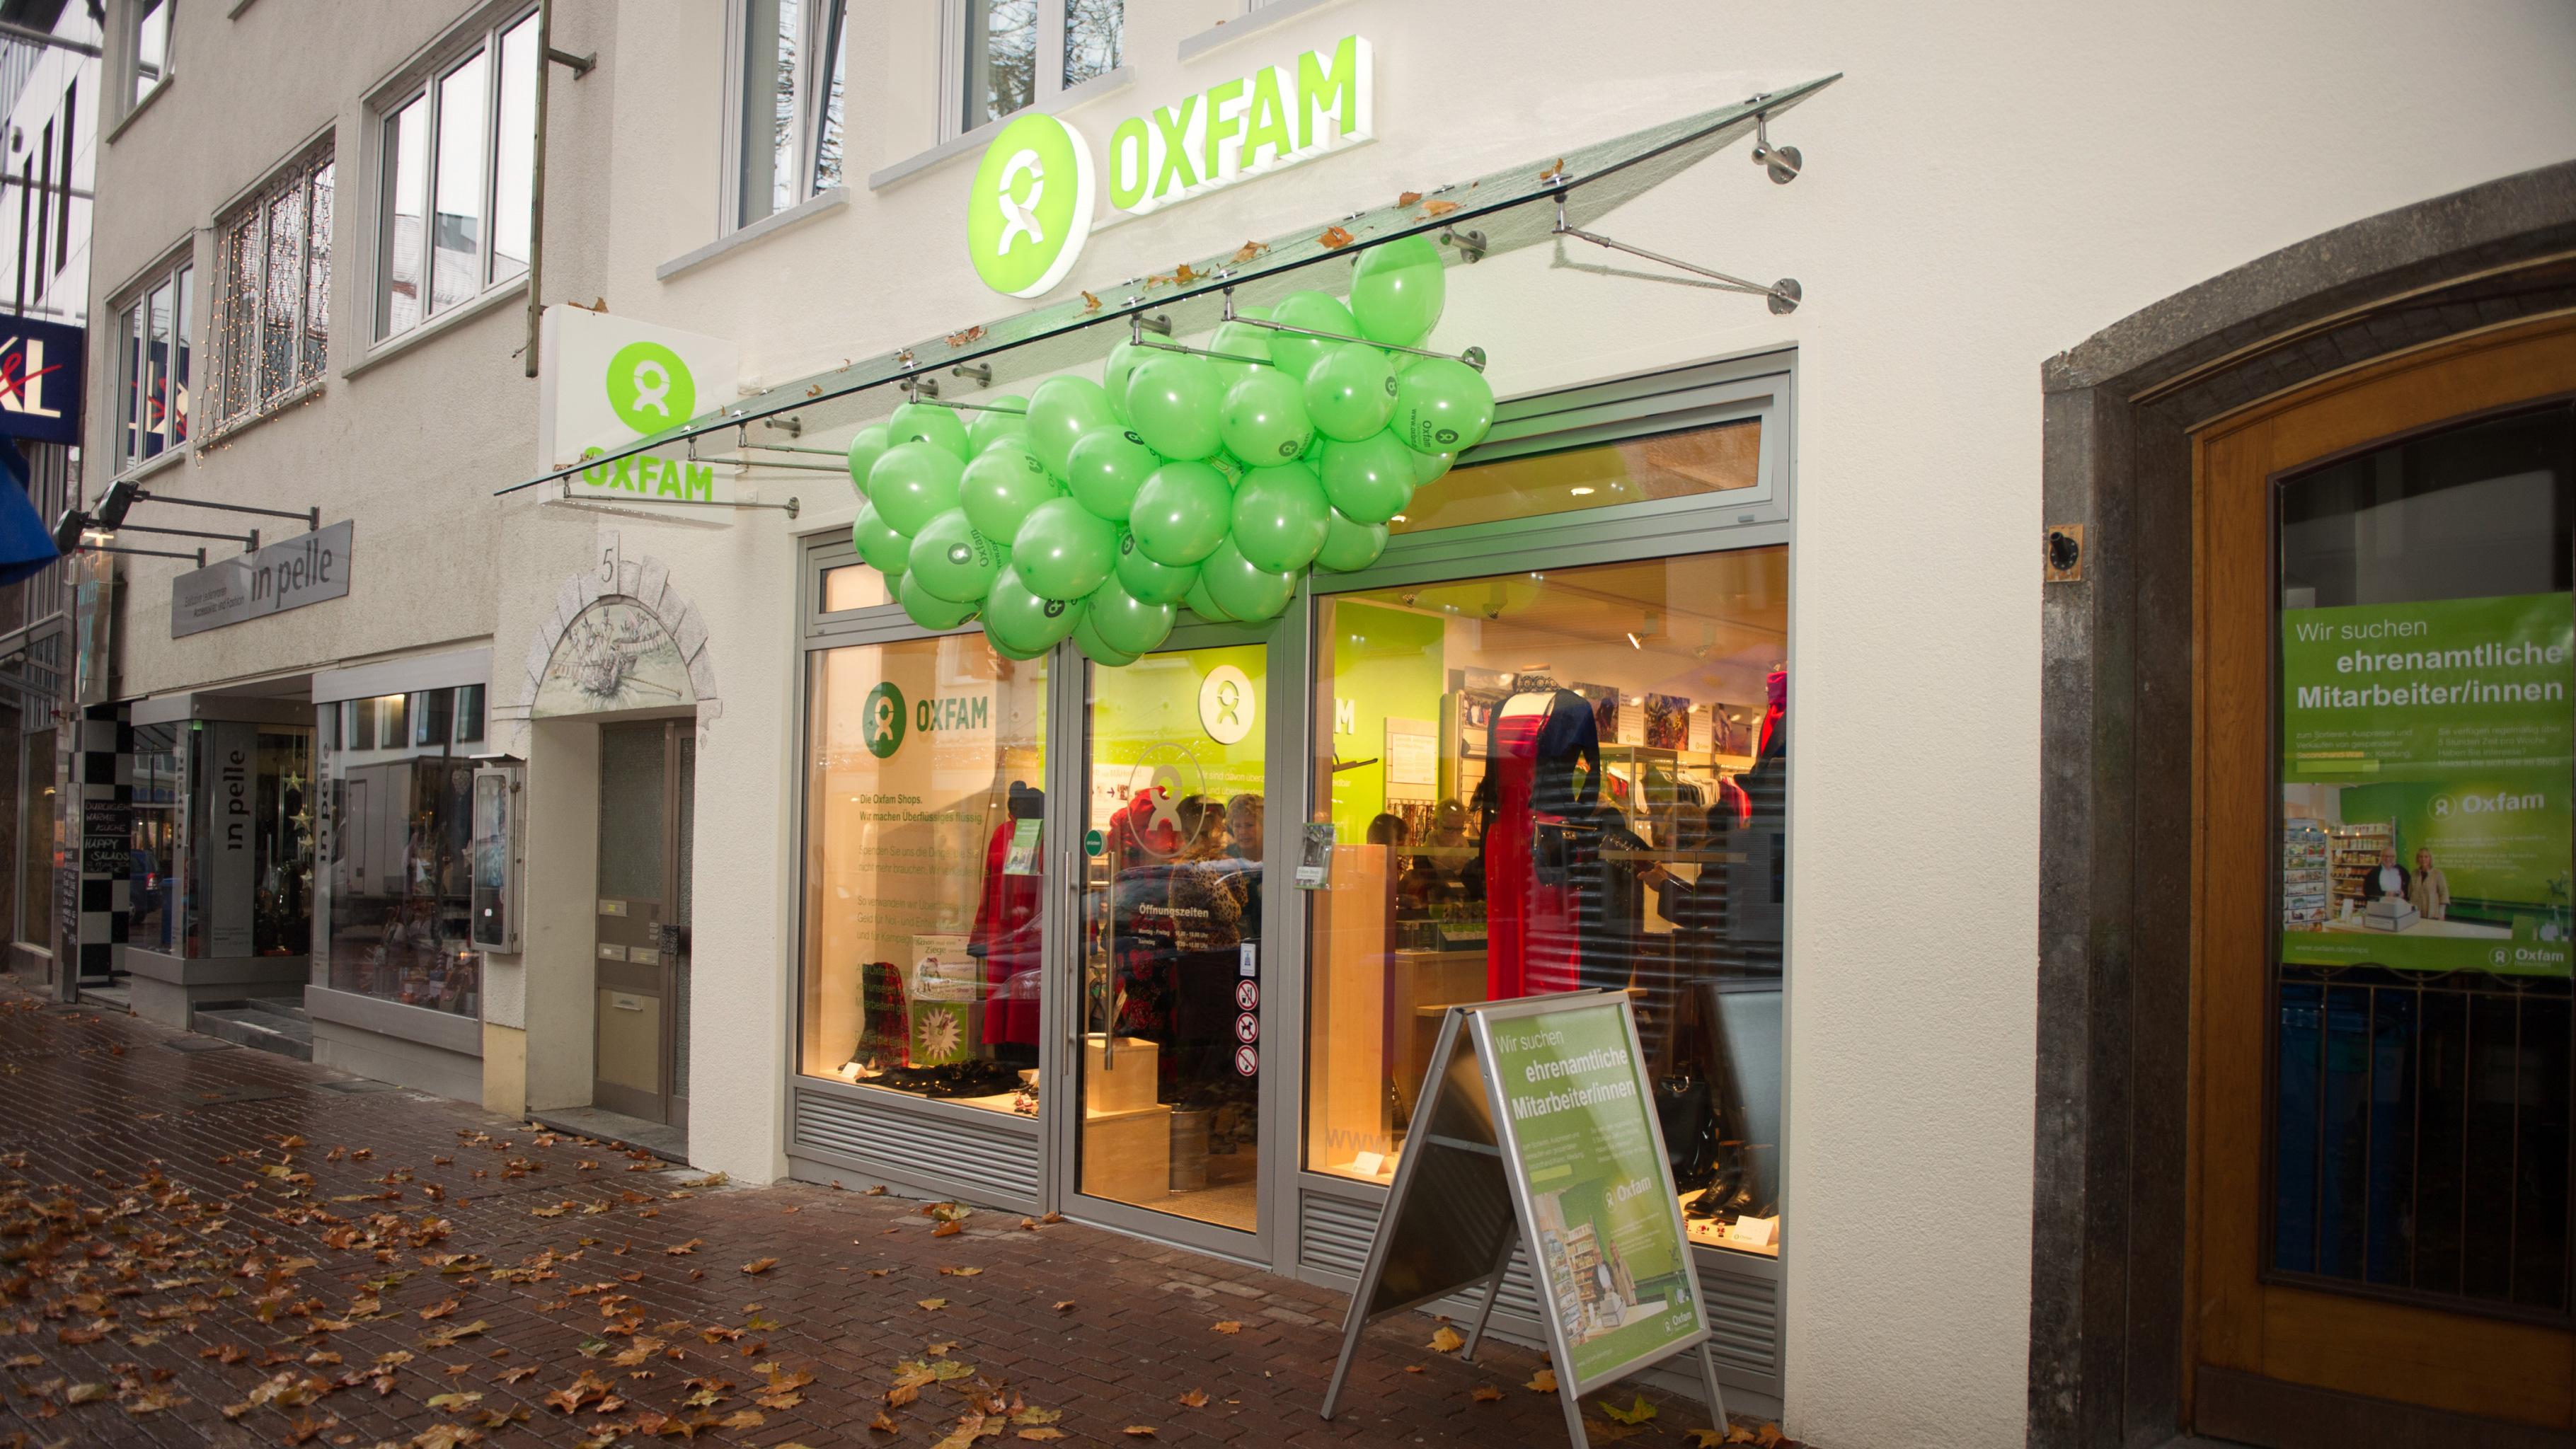 Oxfam Fashionshop Ulm - Außenansicht